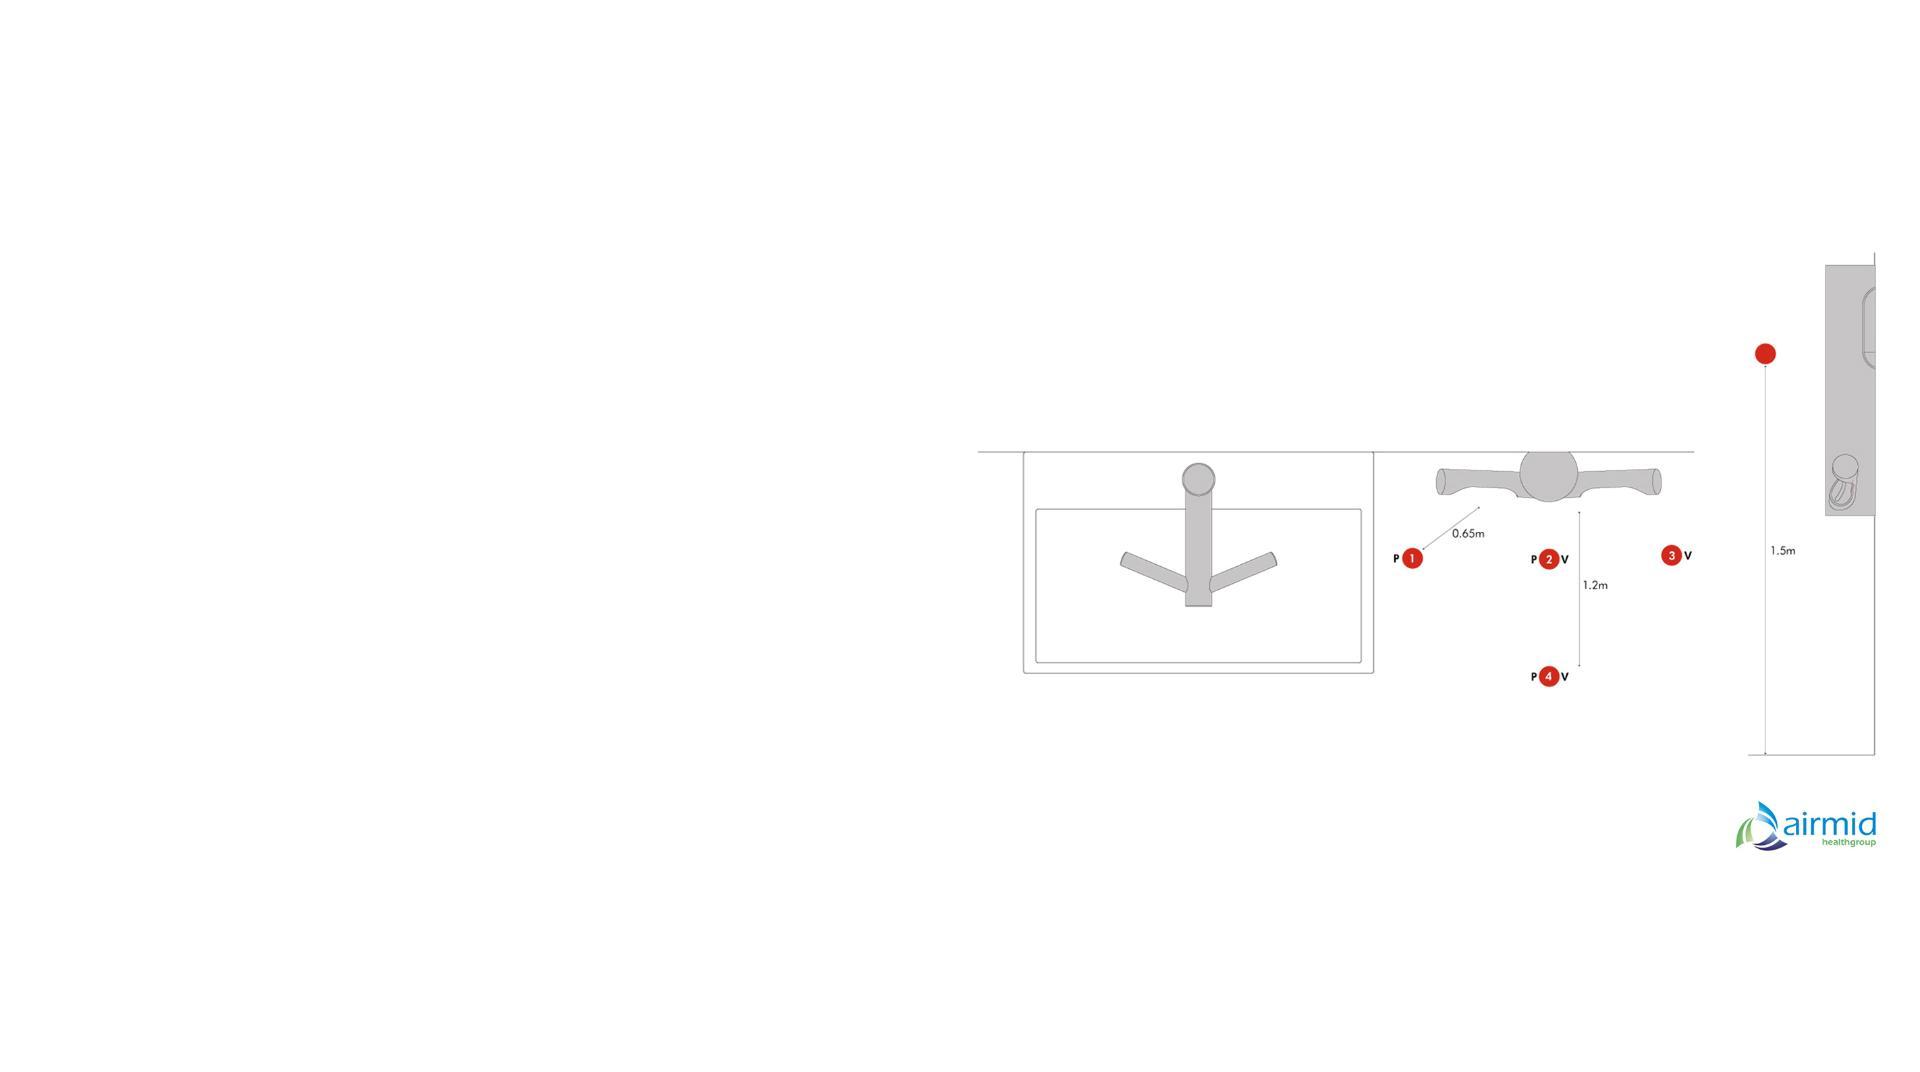 مخطط لمجففات الأيدي Dyson Airblade في مختبر Airmid